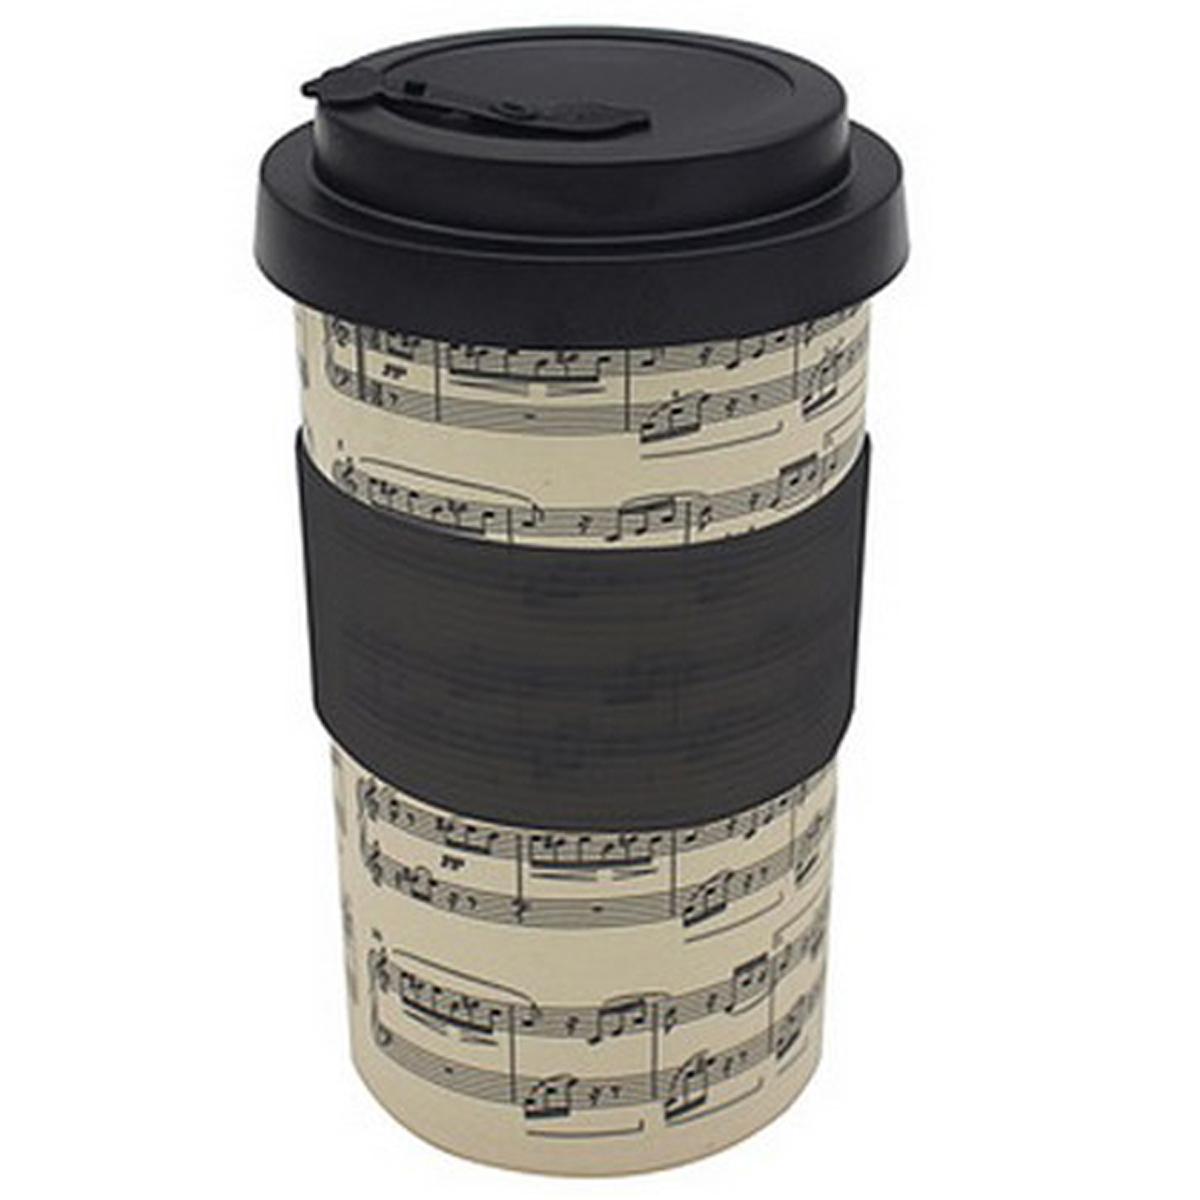 Mug de transport bambou \'Musique\' beige noir - 125x8 cm - [R0470]